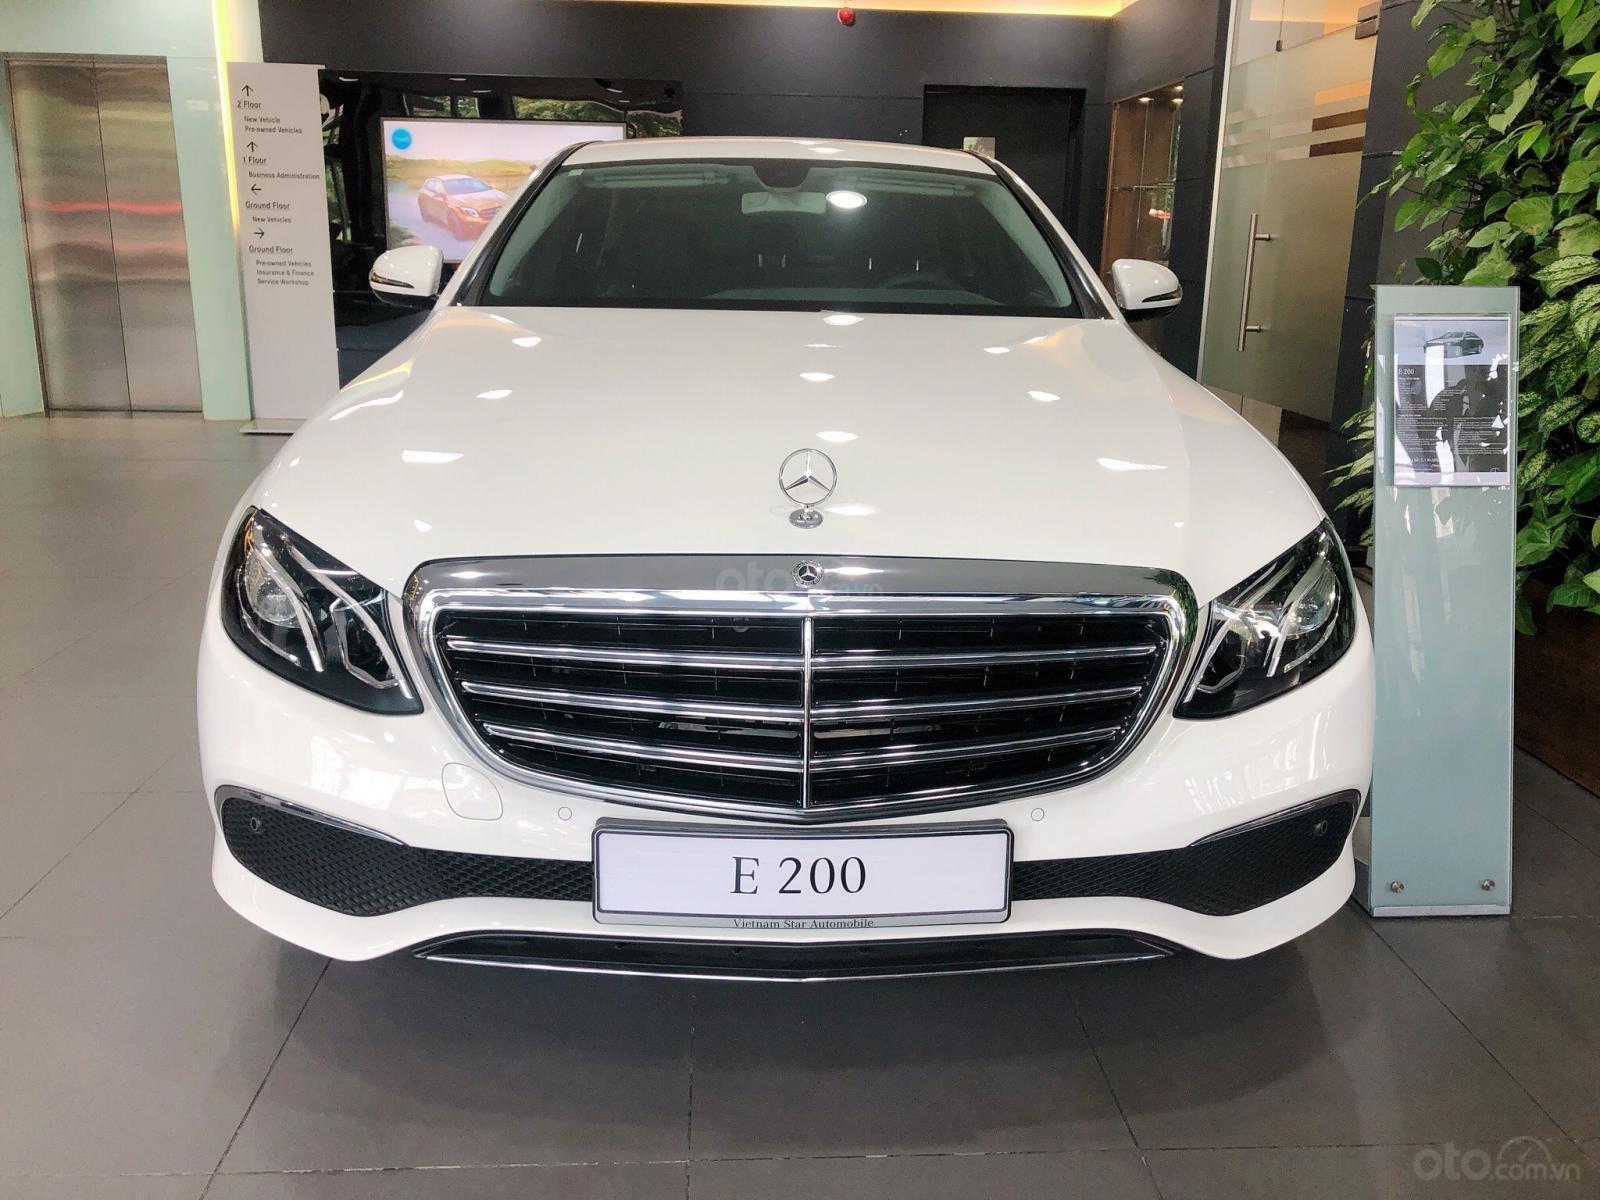 Xe Mercedes E200 2019 mới - thông số kỹ thuật, giá lăn bánh, khuyến mãi 12/2019, tặng 50% phí trước bạ (2)